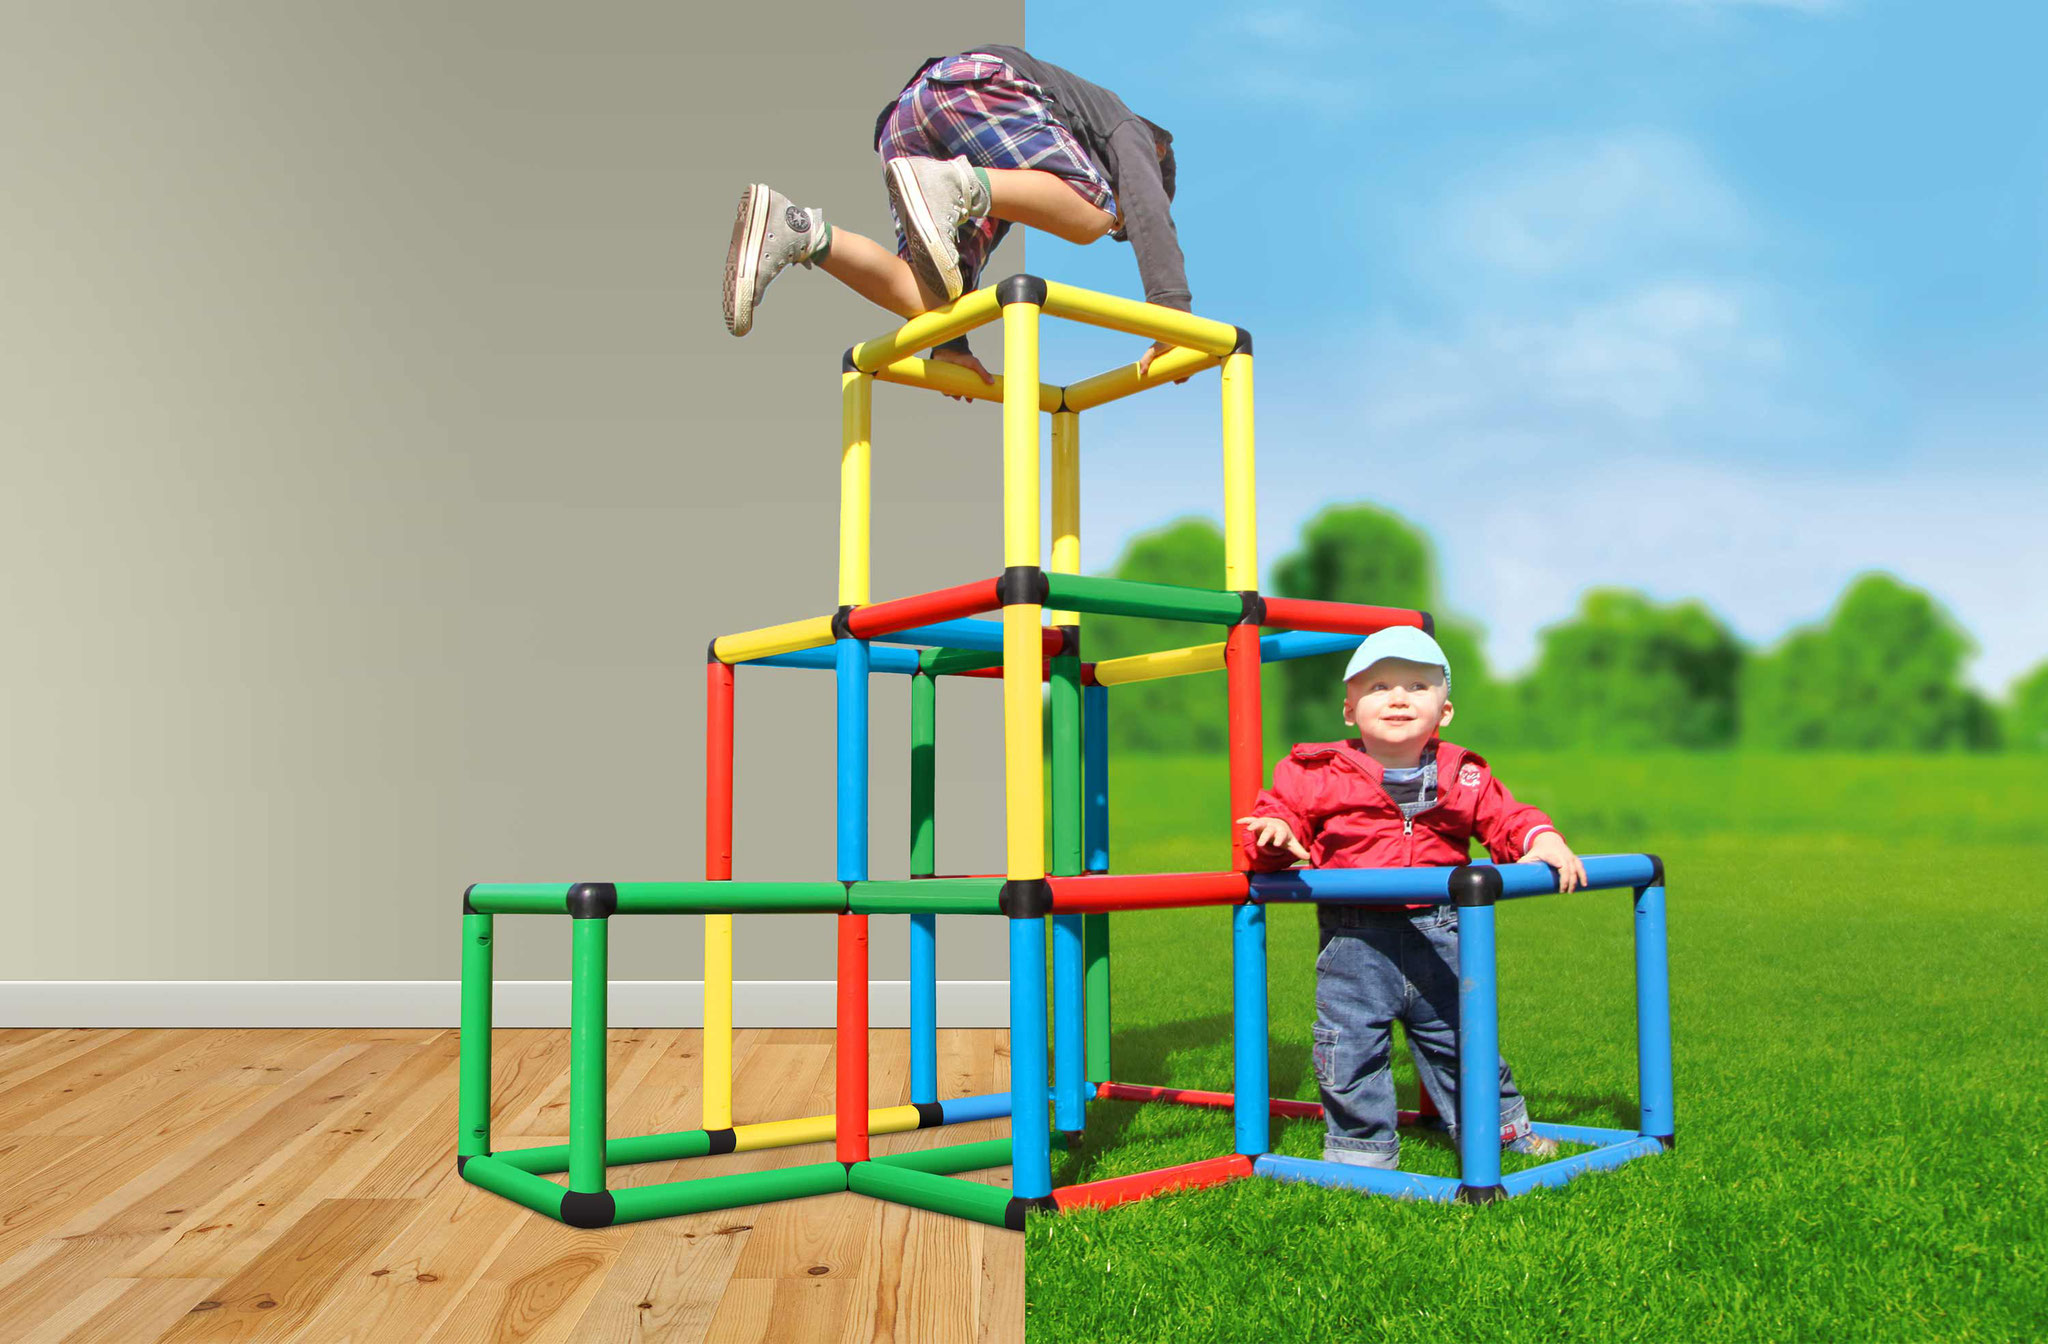 Quadro Klettergerüst Anleitung : Kletterpyramide quadro der grossbaukasten